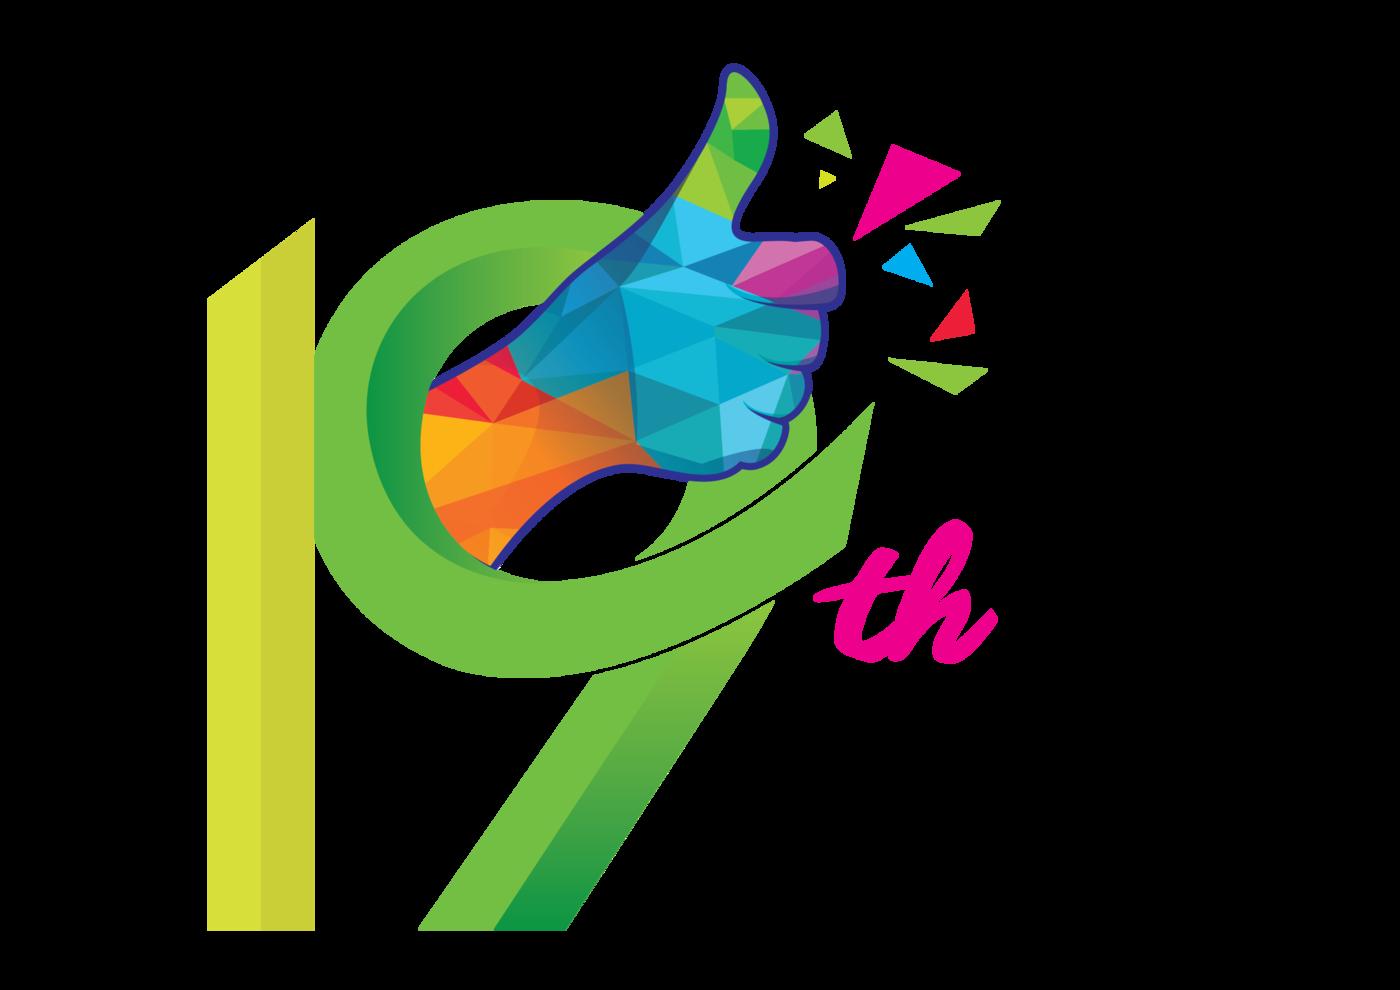 Logo Bekasi Expo 2016 By Nur Alfi Hidayat At Coroflot Com